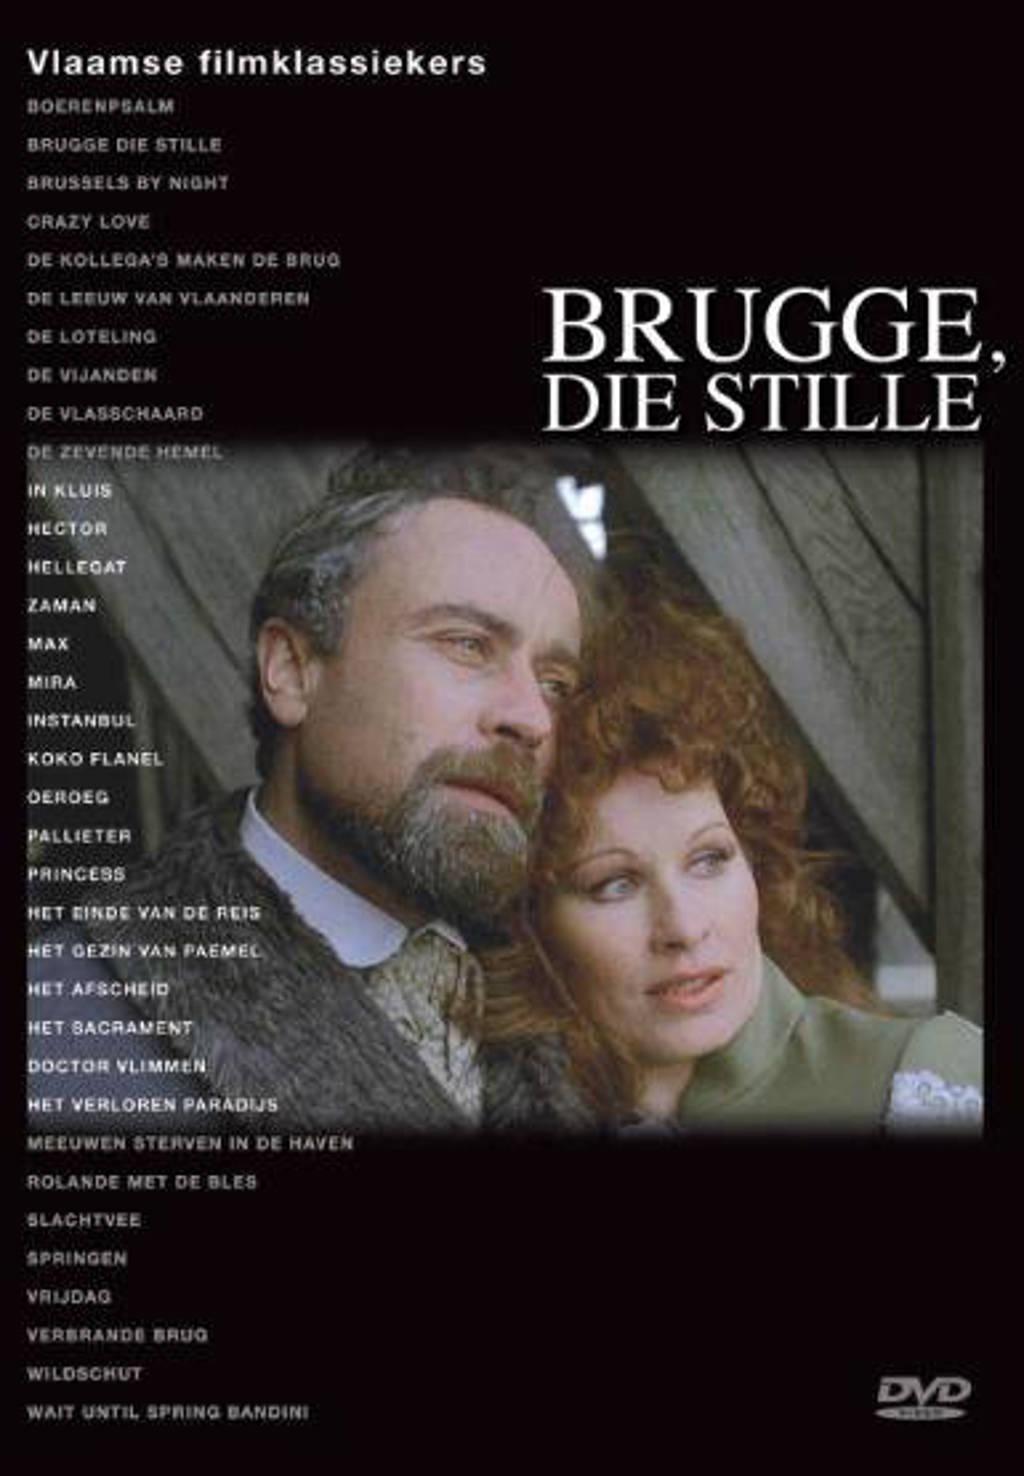 Brugge die stille (DVD)